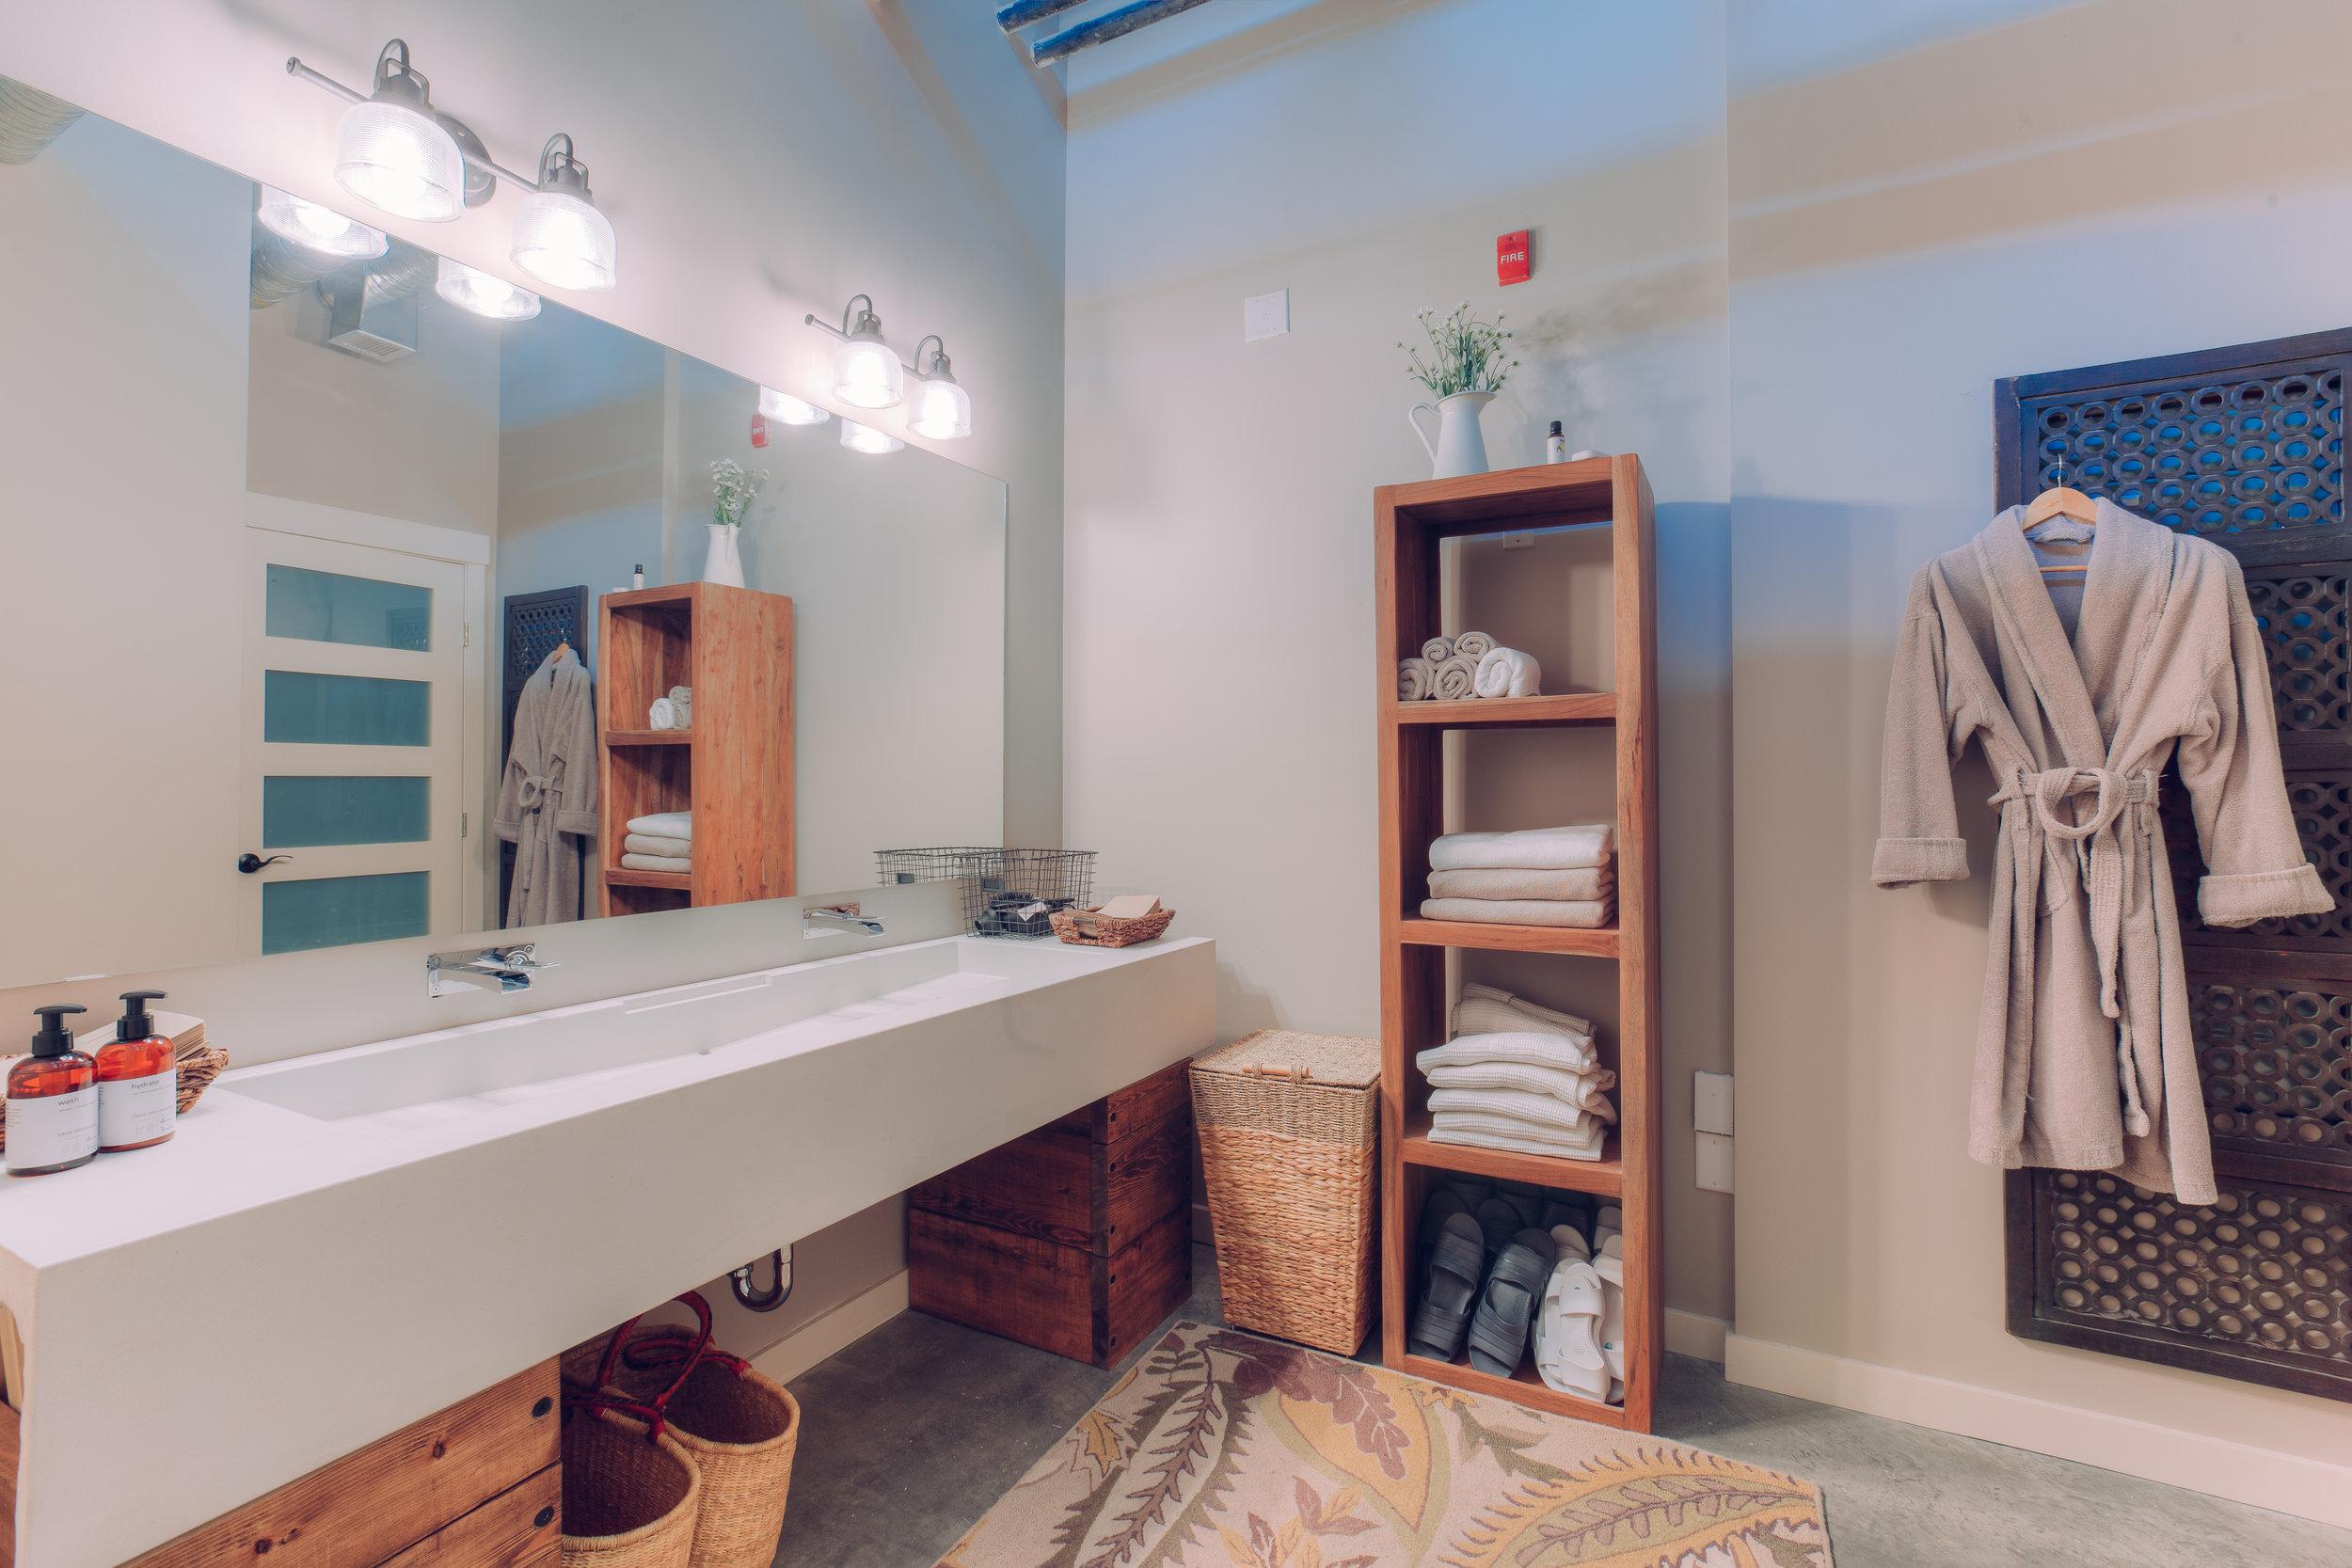 bathroomup.jpg